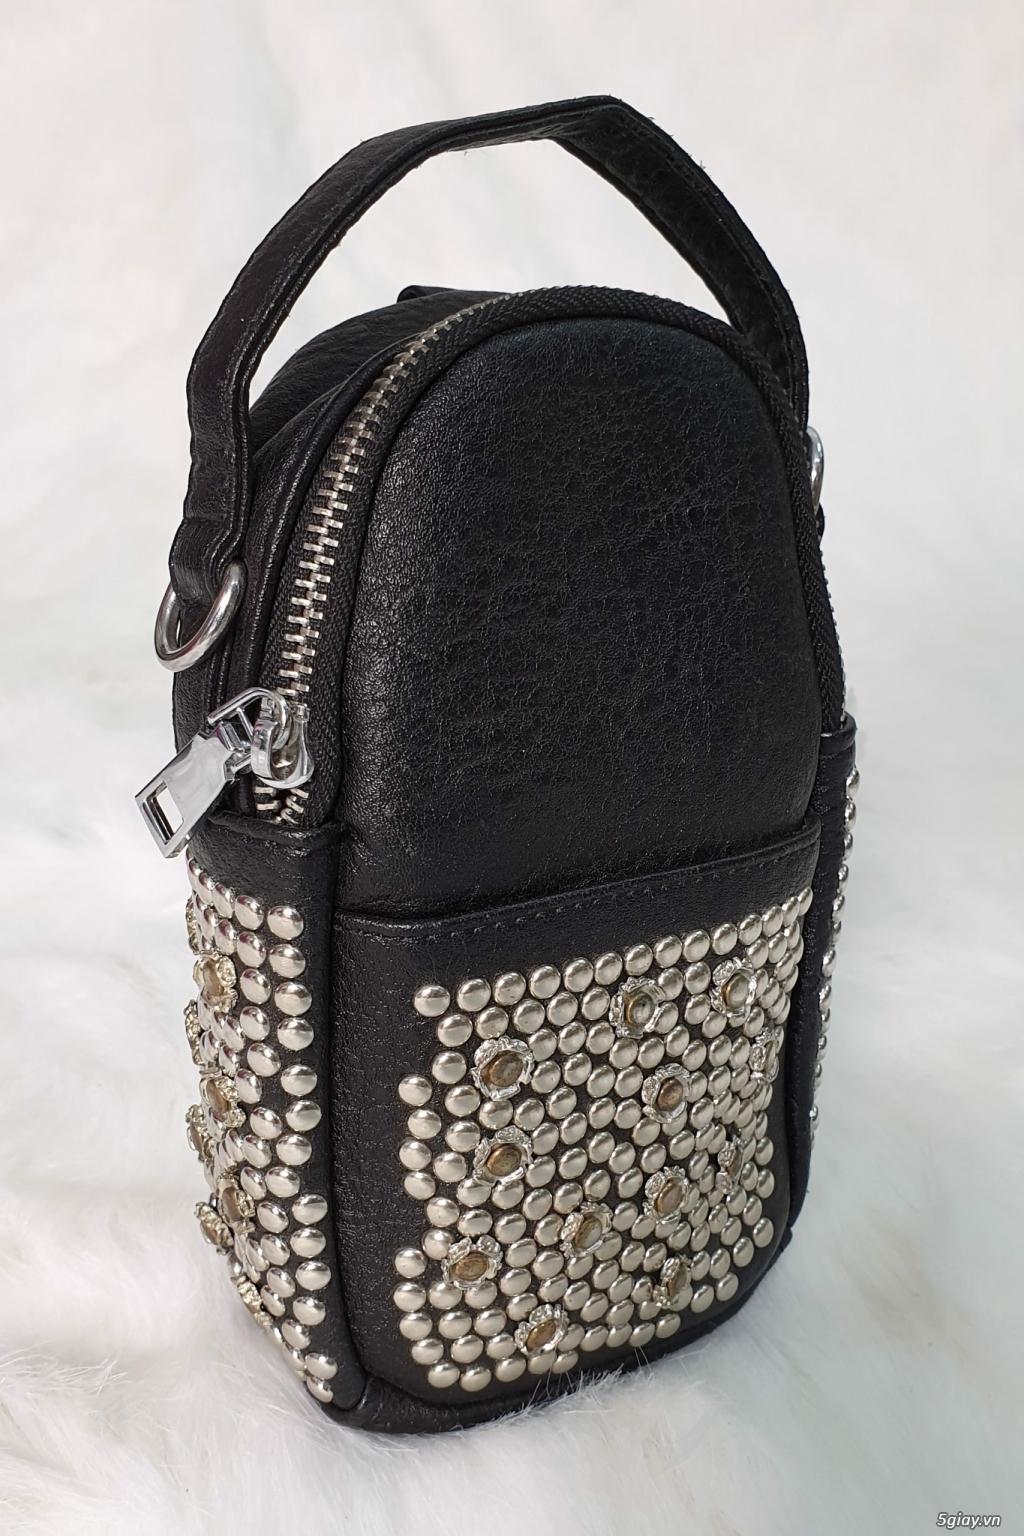 Wal House Fashion - Bóp ví túi xách thời trang - Giá ưu đãi - 10